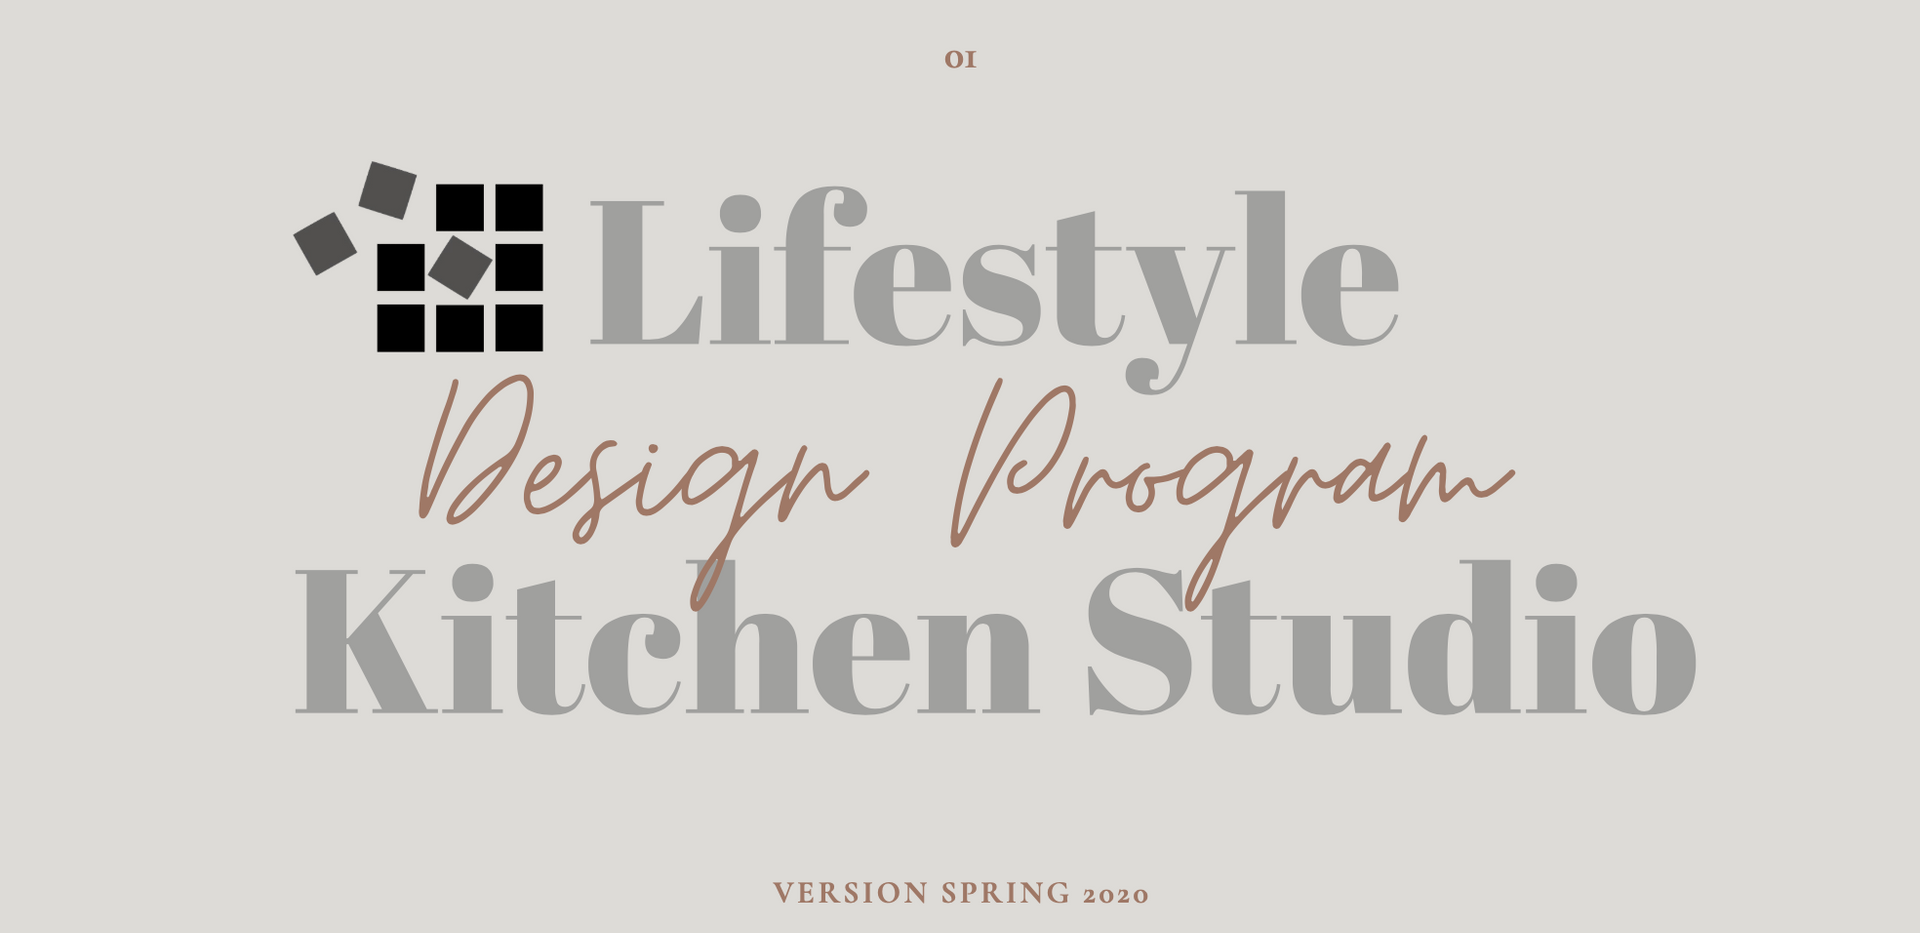 LKS Design Program Image